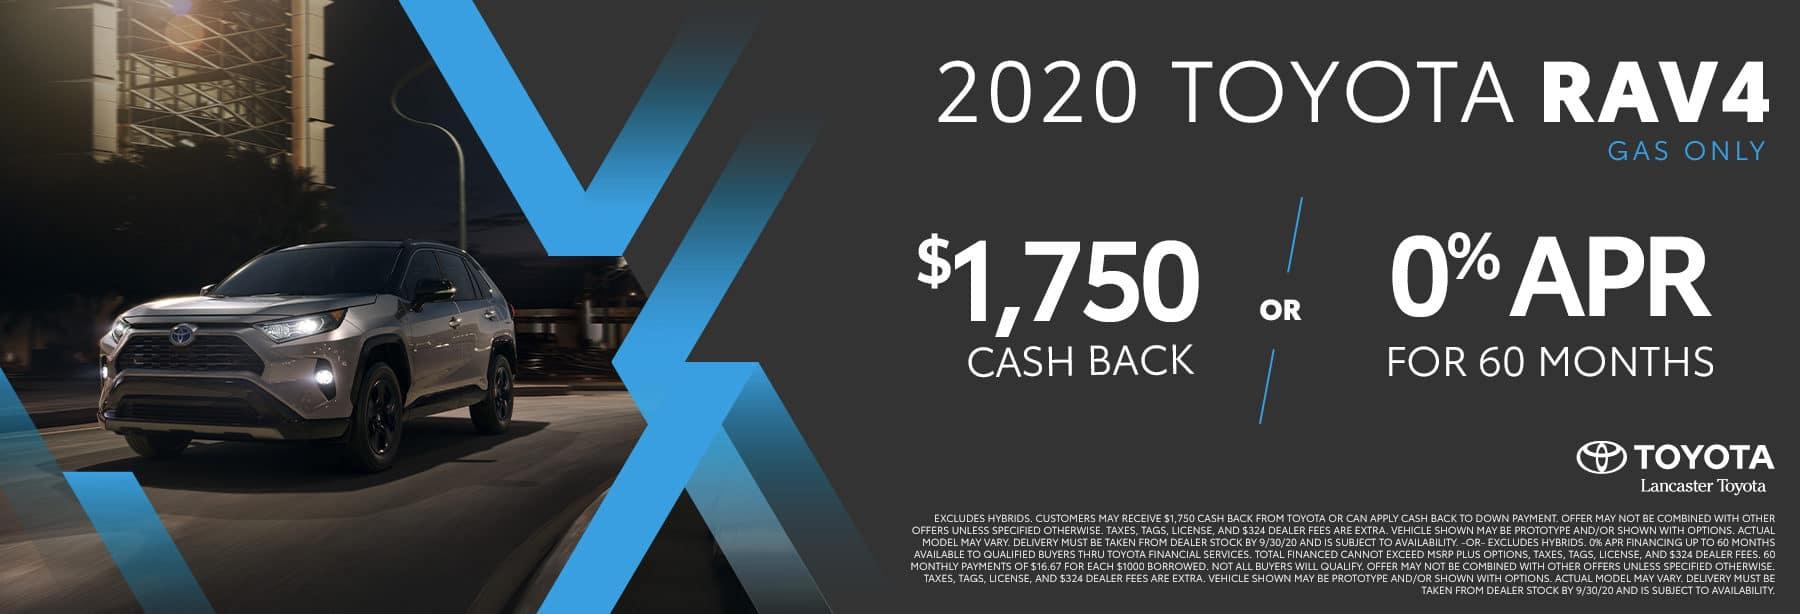 2020 RAV4